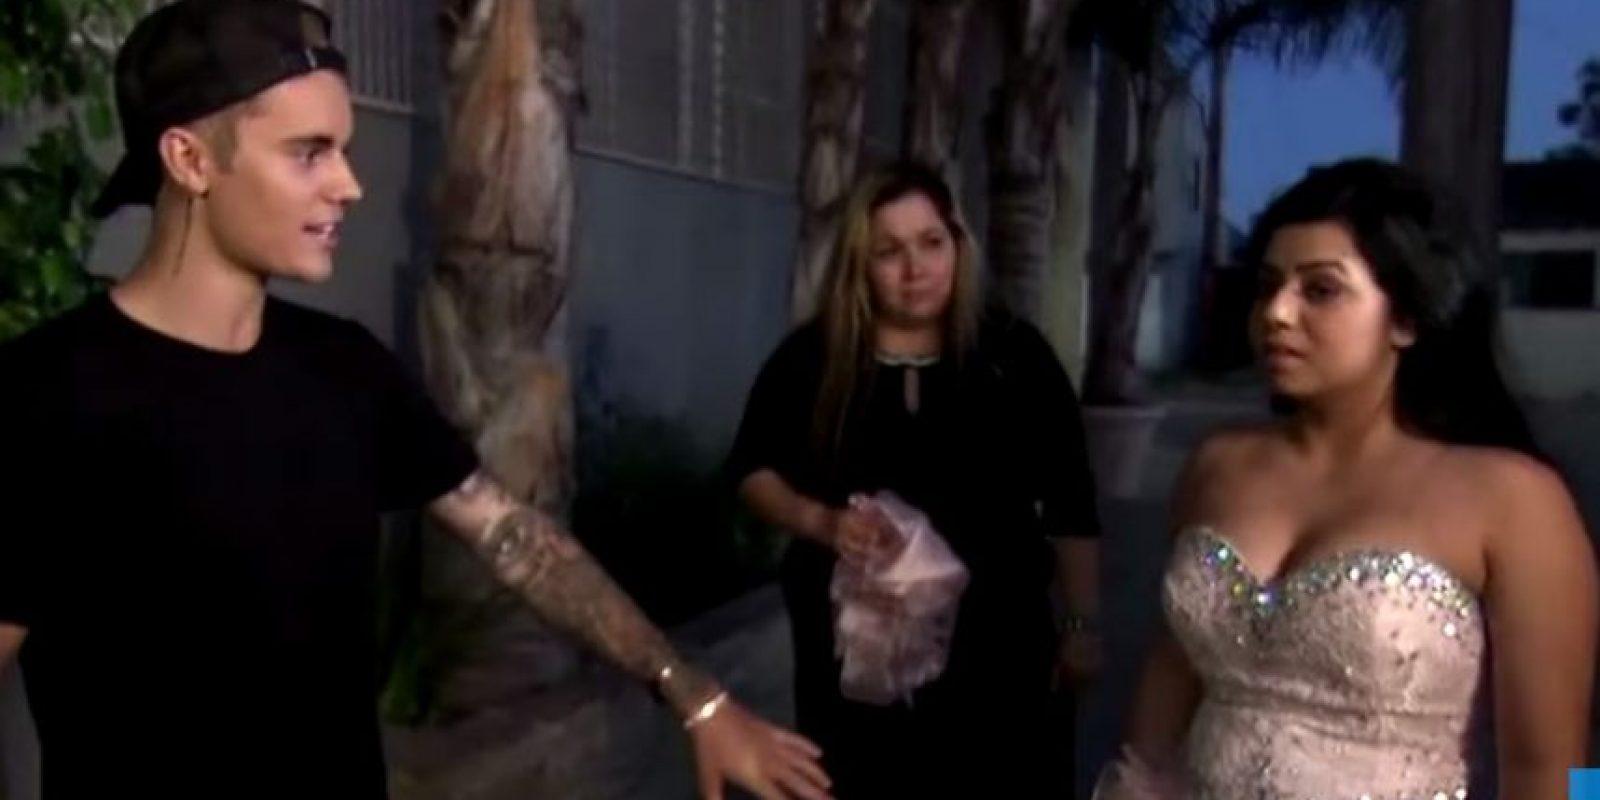 Justin sorprendió a la joven llamada Ashley, y a su familia en su casa, para llevarla a su fiesta de cumpleaños en una limusina Foto:FOX